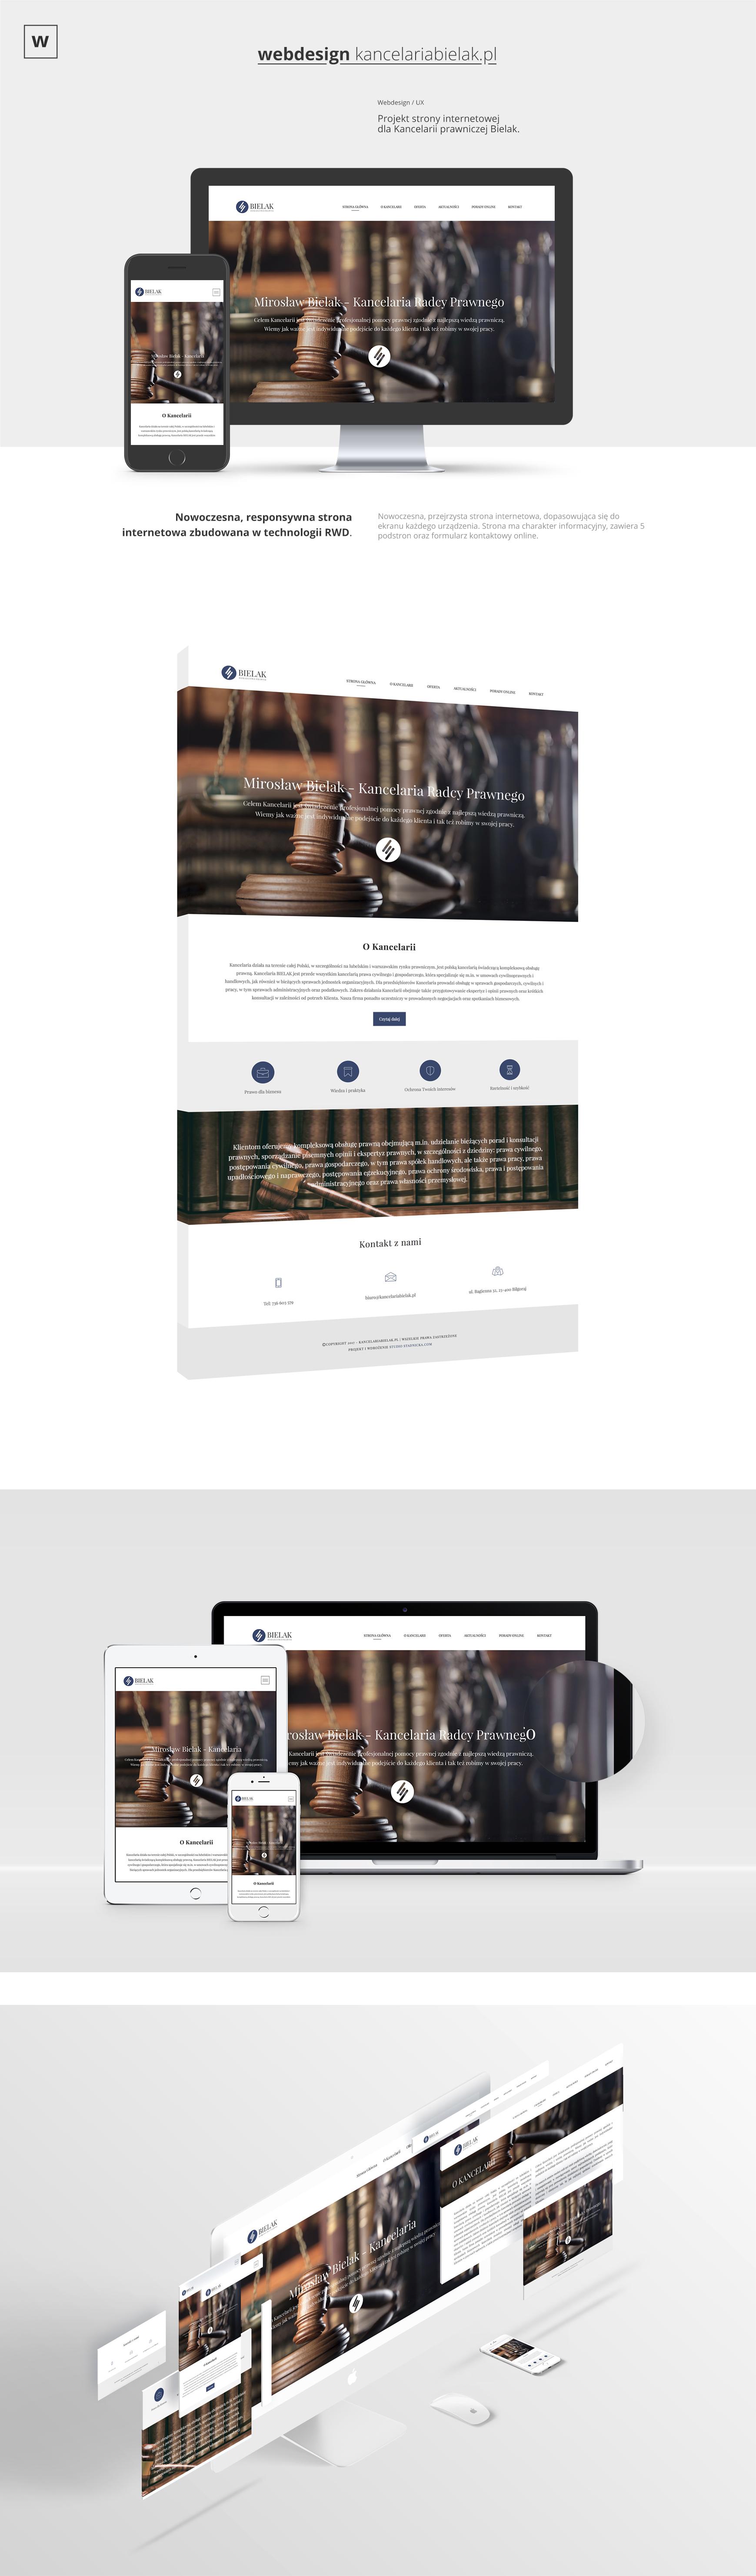 prezentacja strony kancelaria bielak